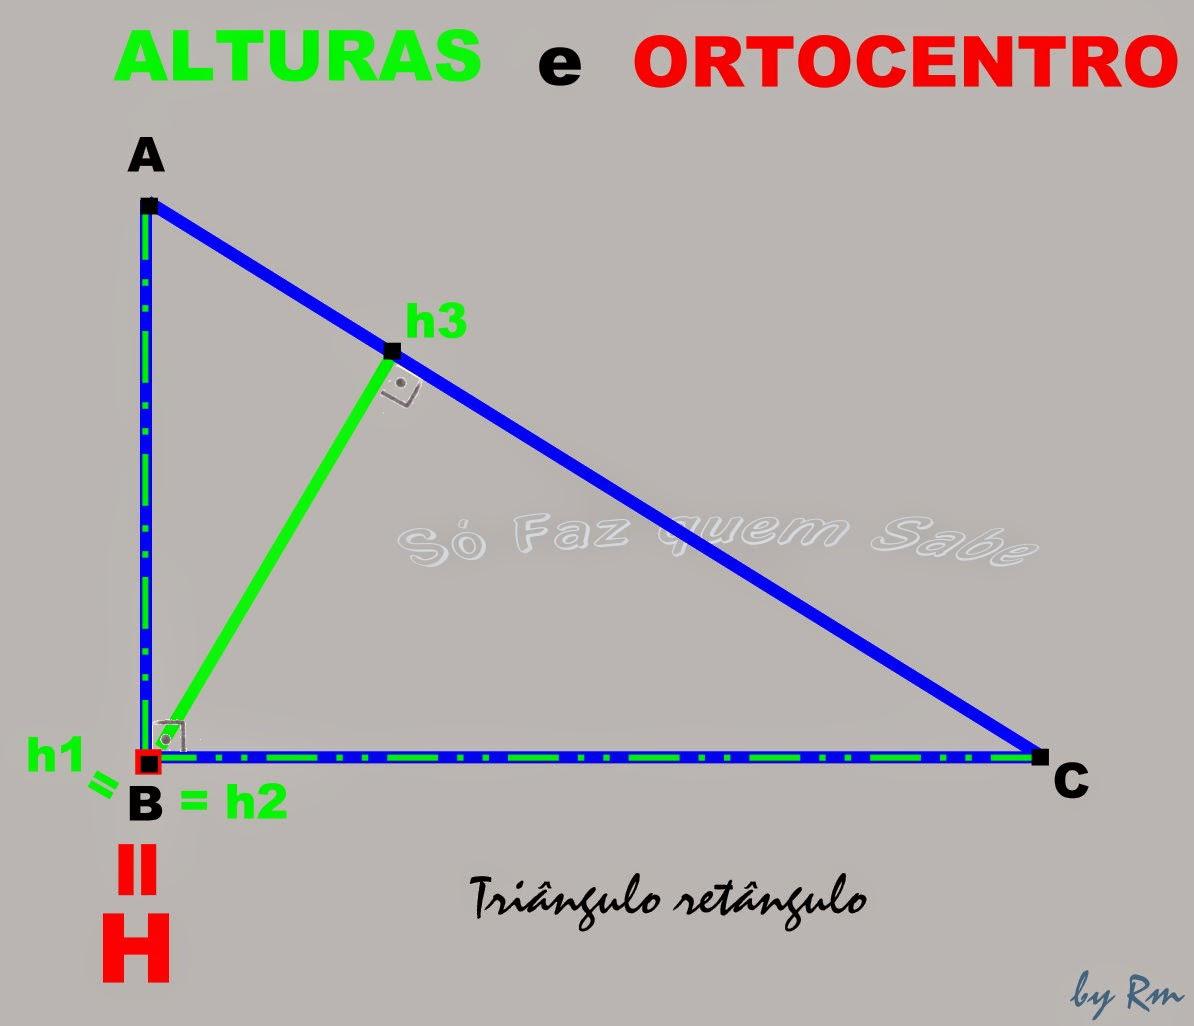 No triângulo retângulo o Ortocentro é o vértice formado pelos dois lados ortogonais.